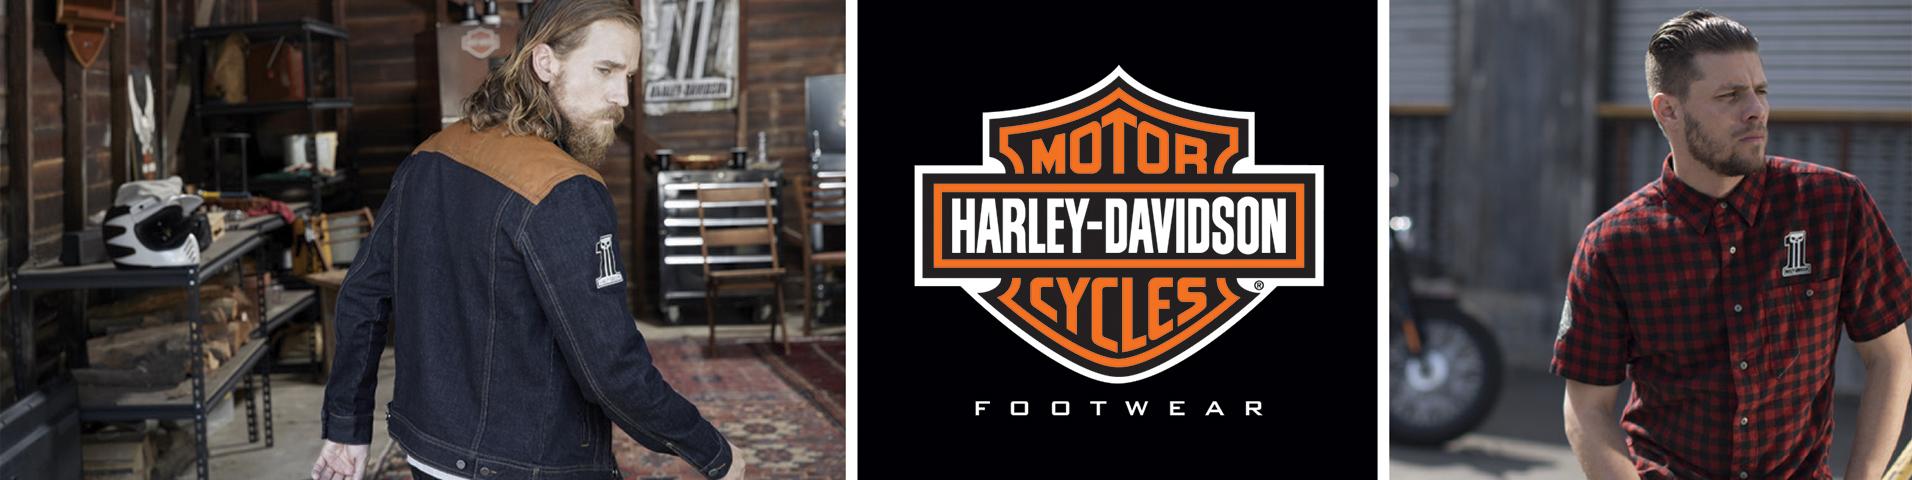 4114d30593b Harley Davidson Boots & kängor | Herr | Köp boots & kängor online på ...